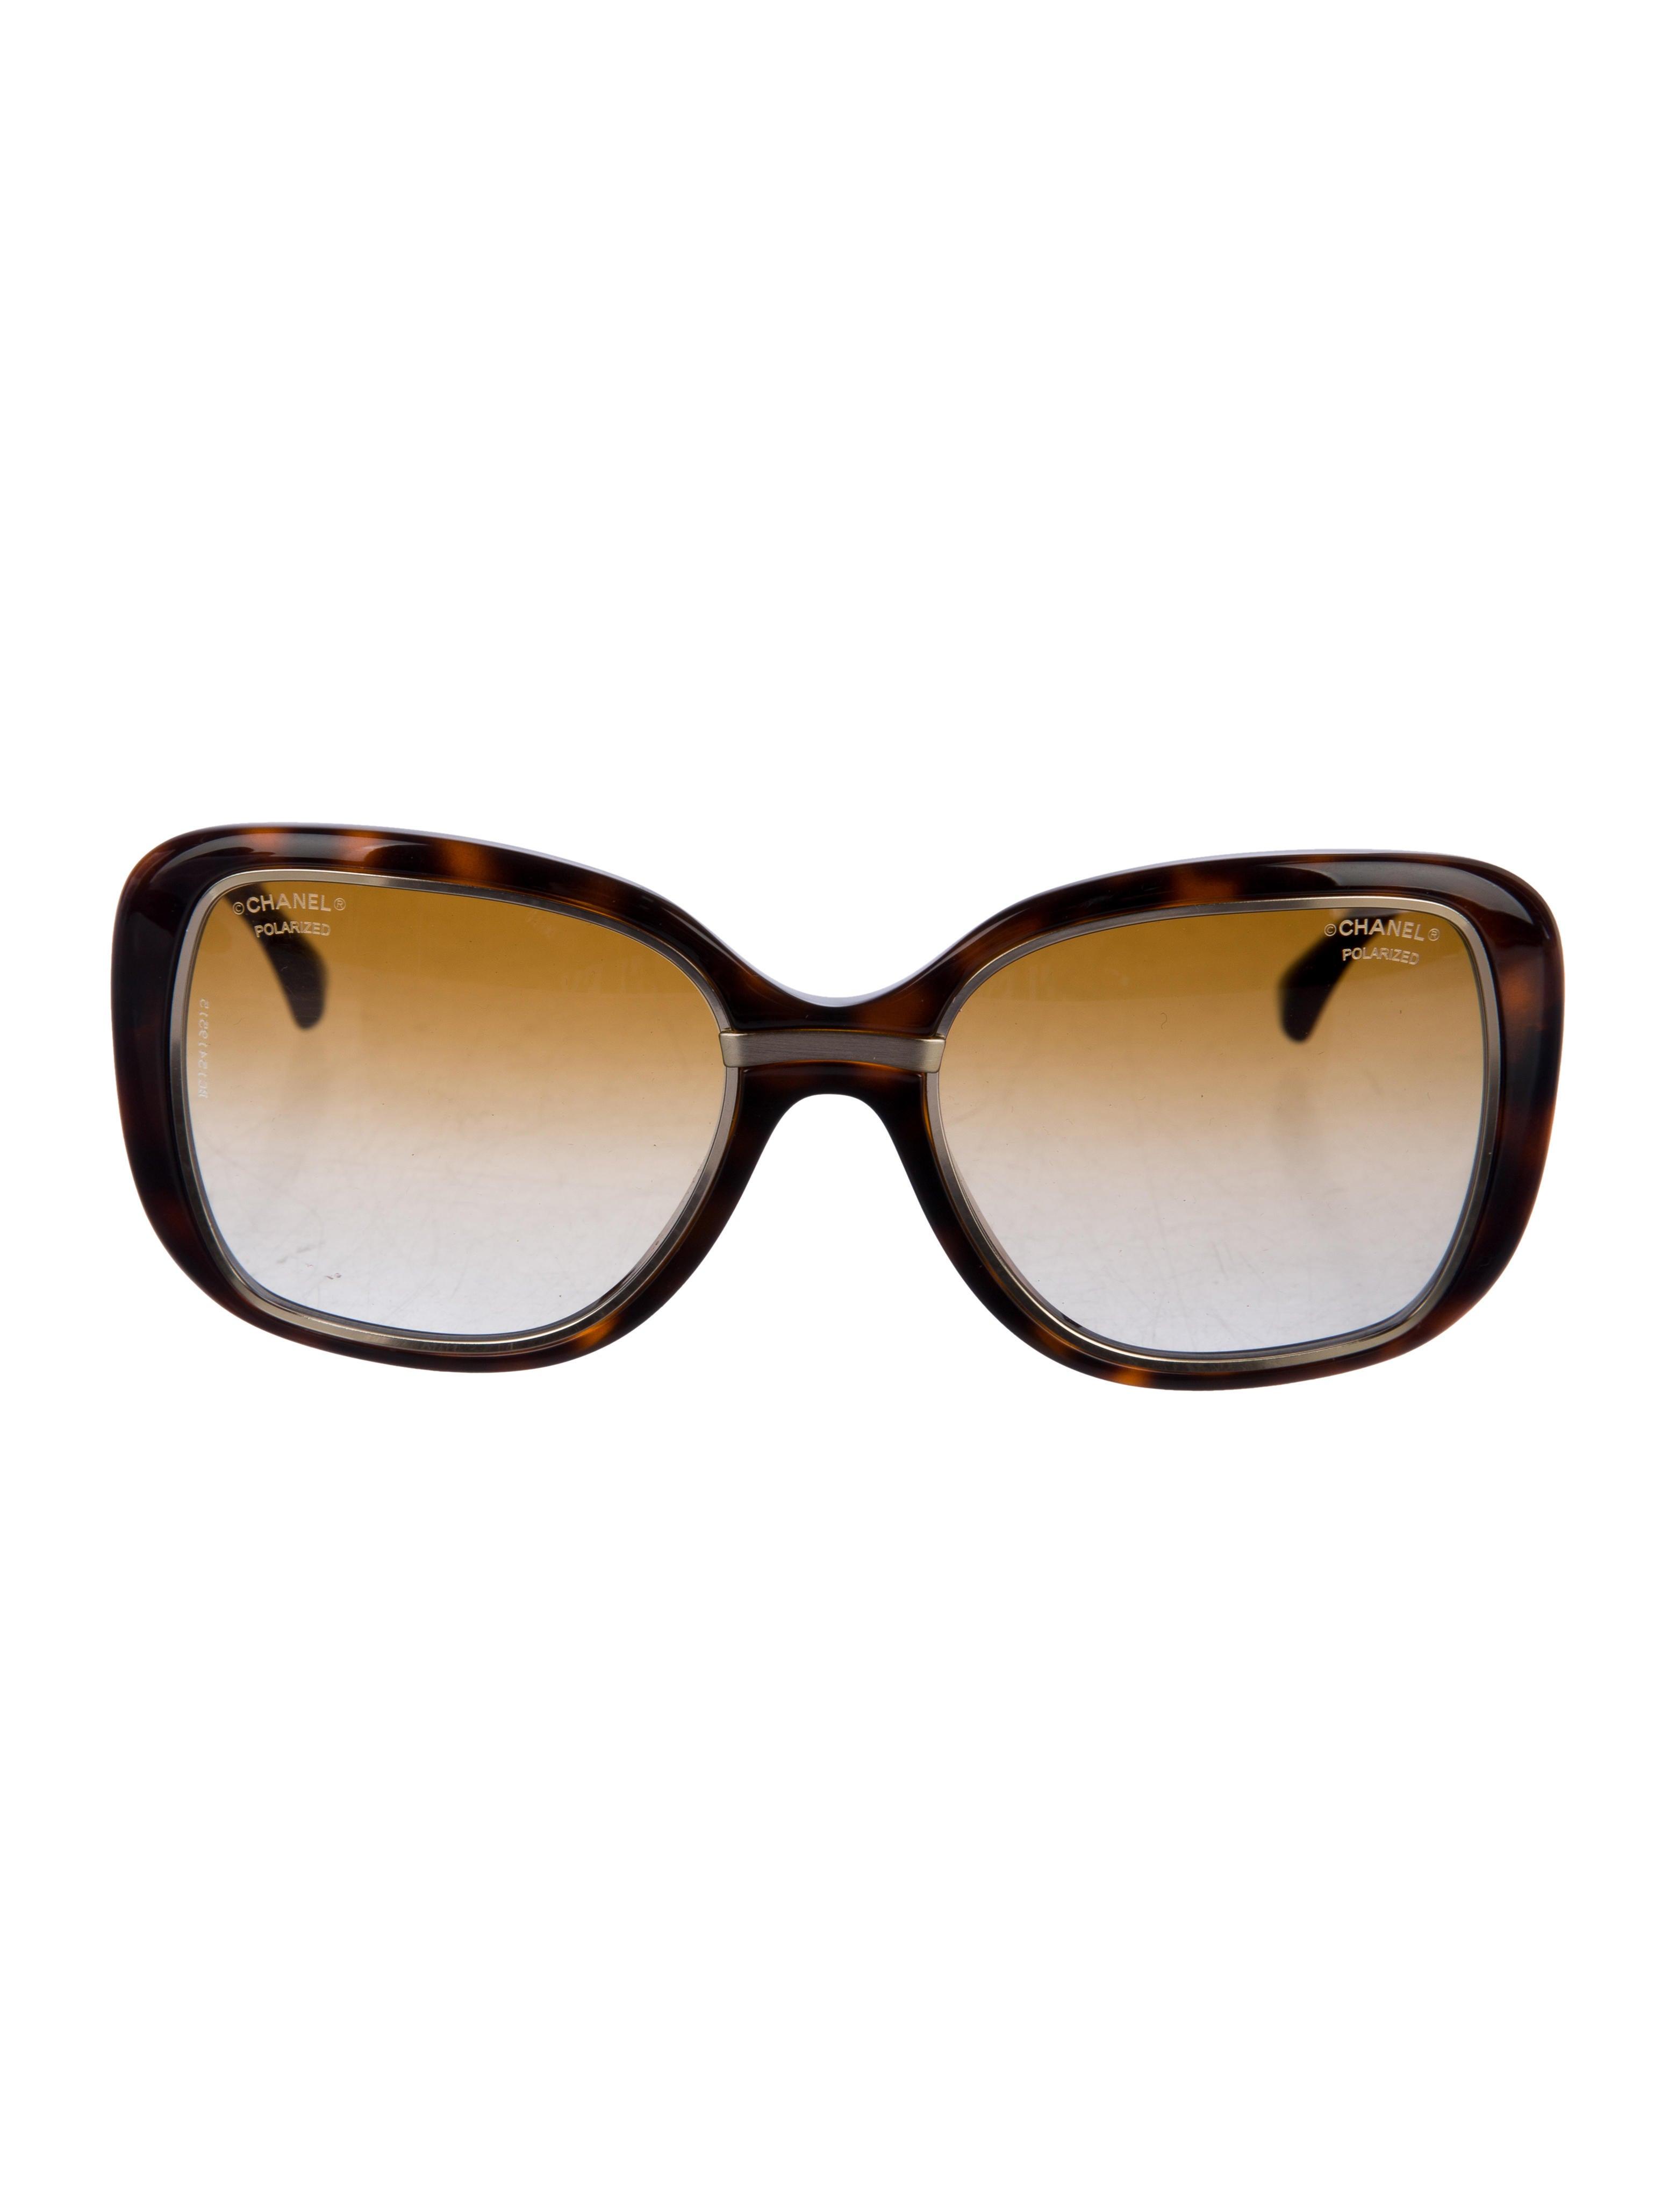 b613389de390 Chanel Polarized Two-Tone Sunglasses - Accessories - CHA213011